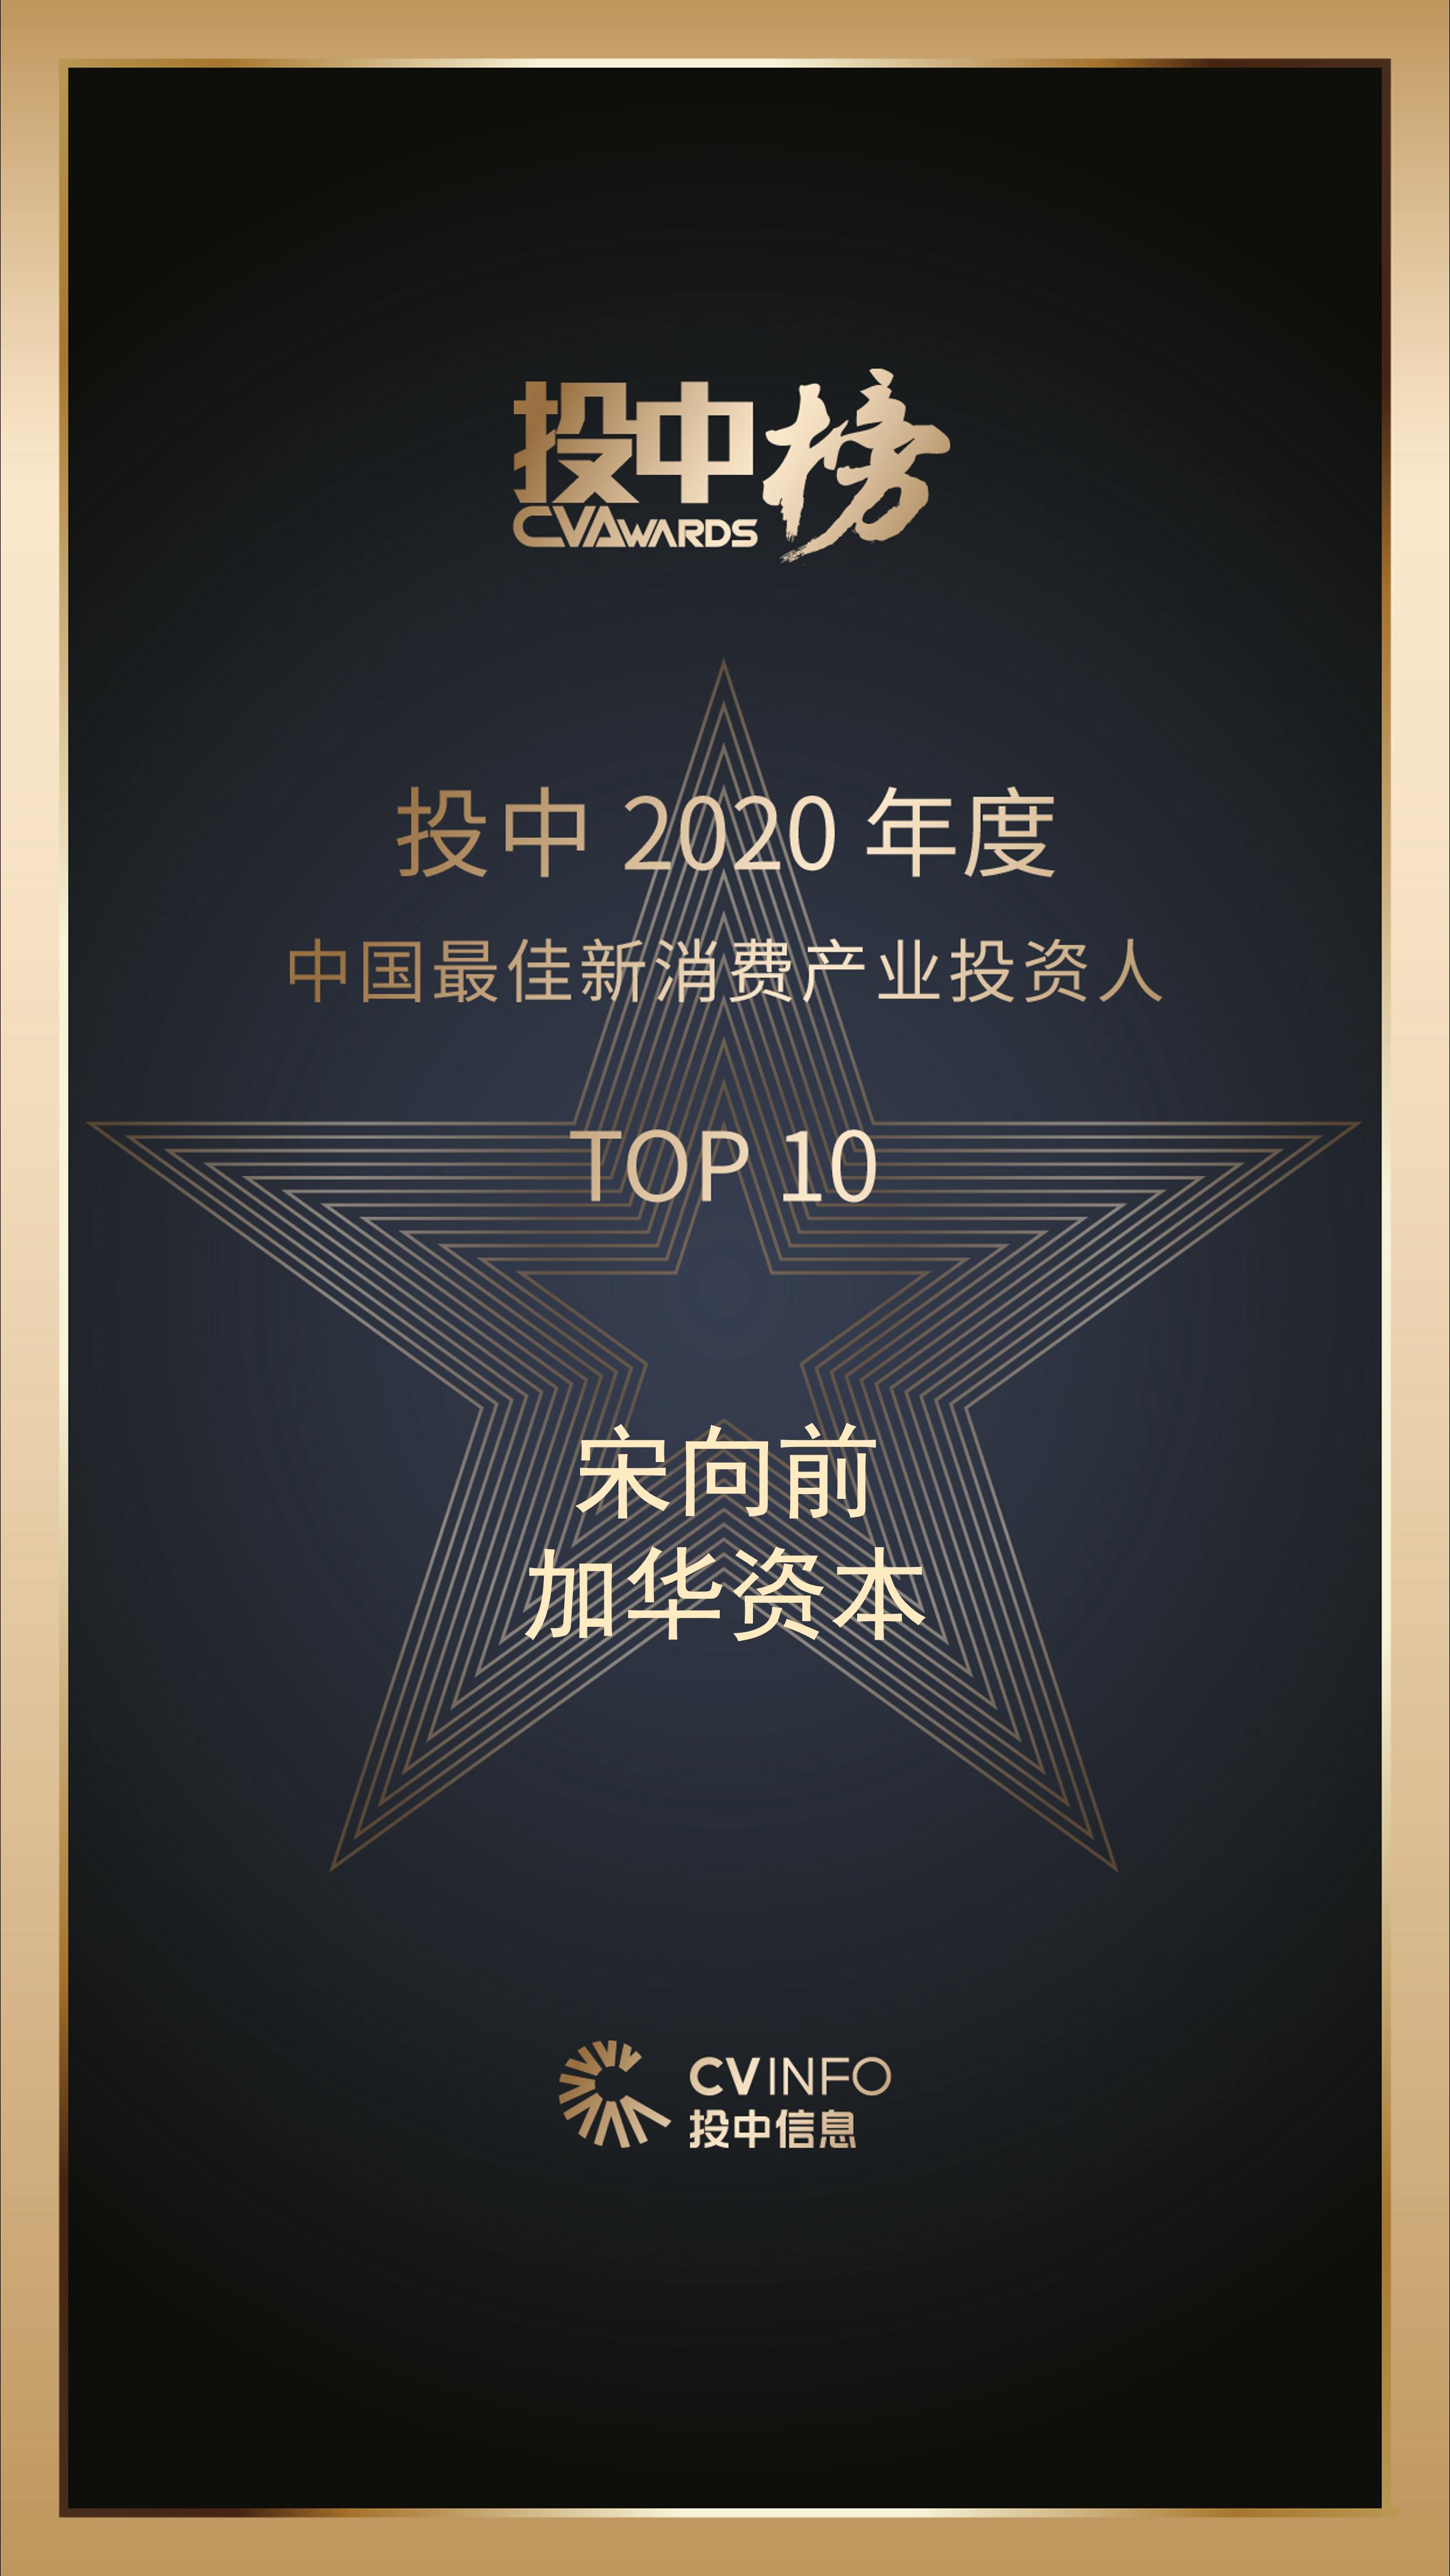 """宋向前先生荣获""""投中2020年投资人榜""""多项殊荣   加华新闻"""